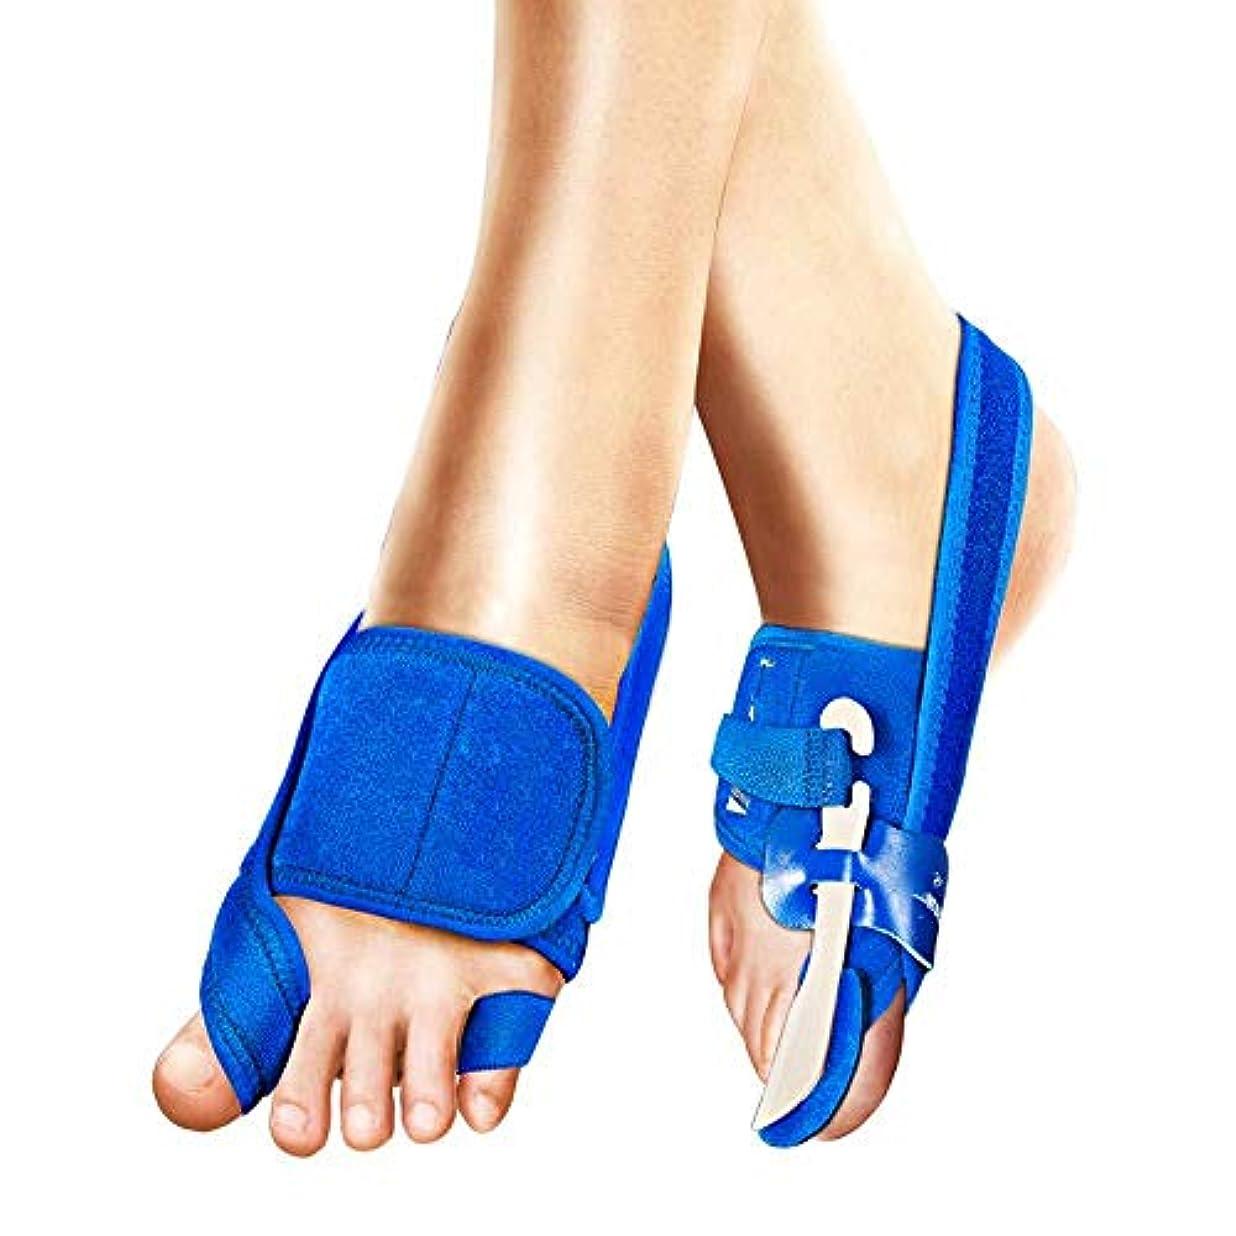 スラッシュ歯科医サワーつま先セパレーター付き大型つま先矯正装置、母uxつま先つま先ネイルセパレーター用オレーターつま先セパレーター、痛みを和らげる,Left Foot